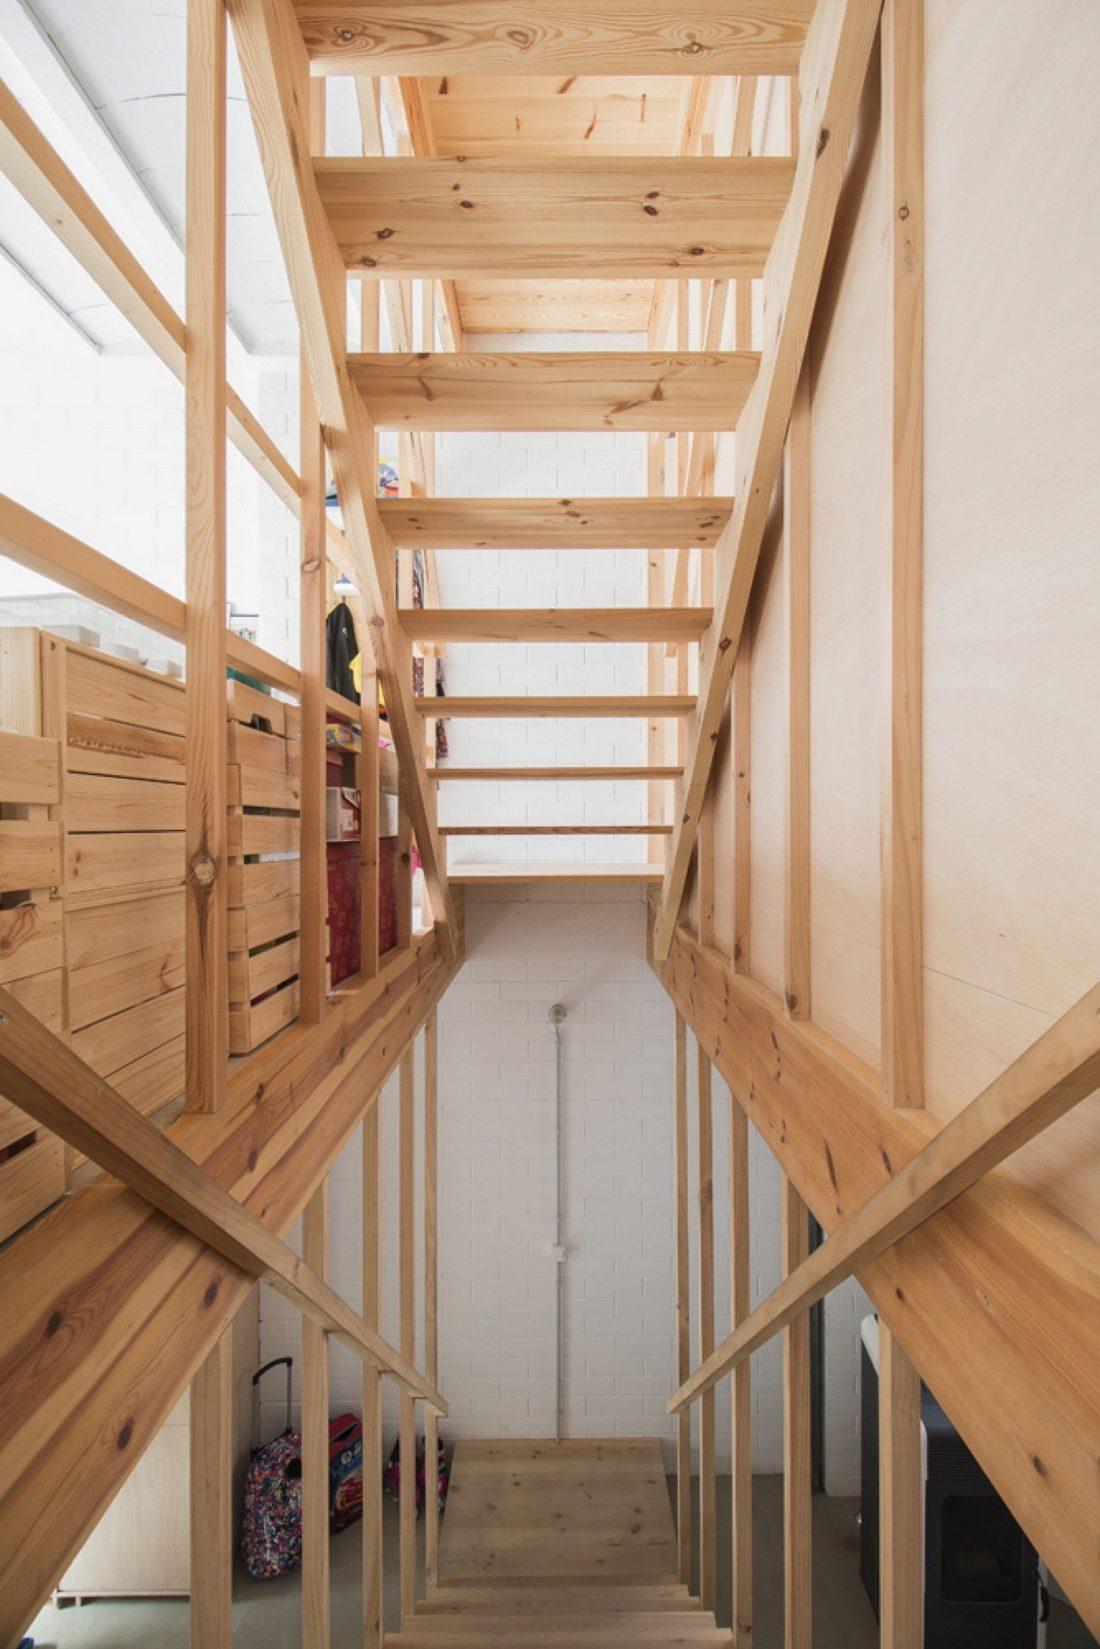 trehetazhnyj-dom-v-barselone-po-proektu-studii-h-arquitectes-15